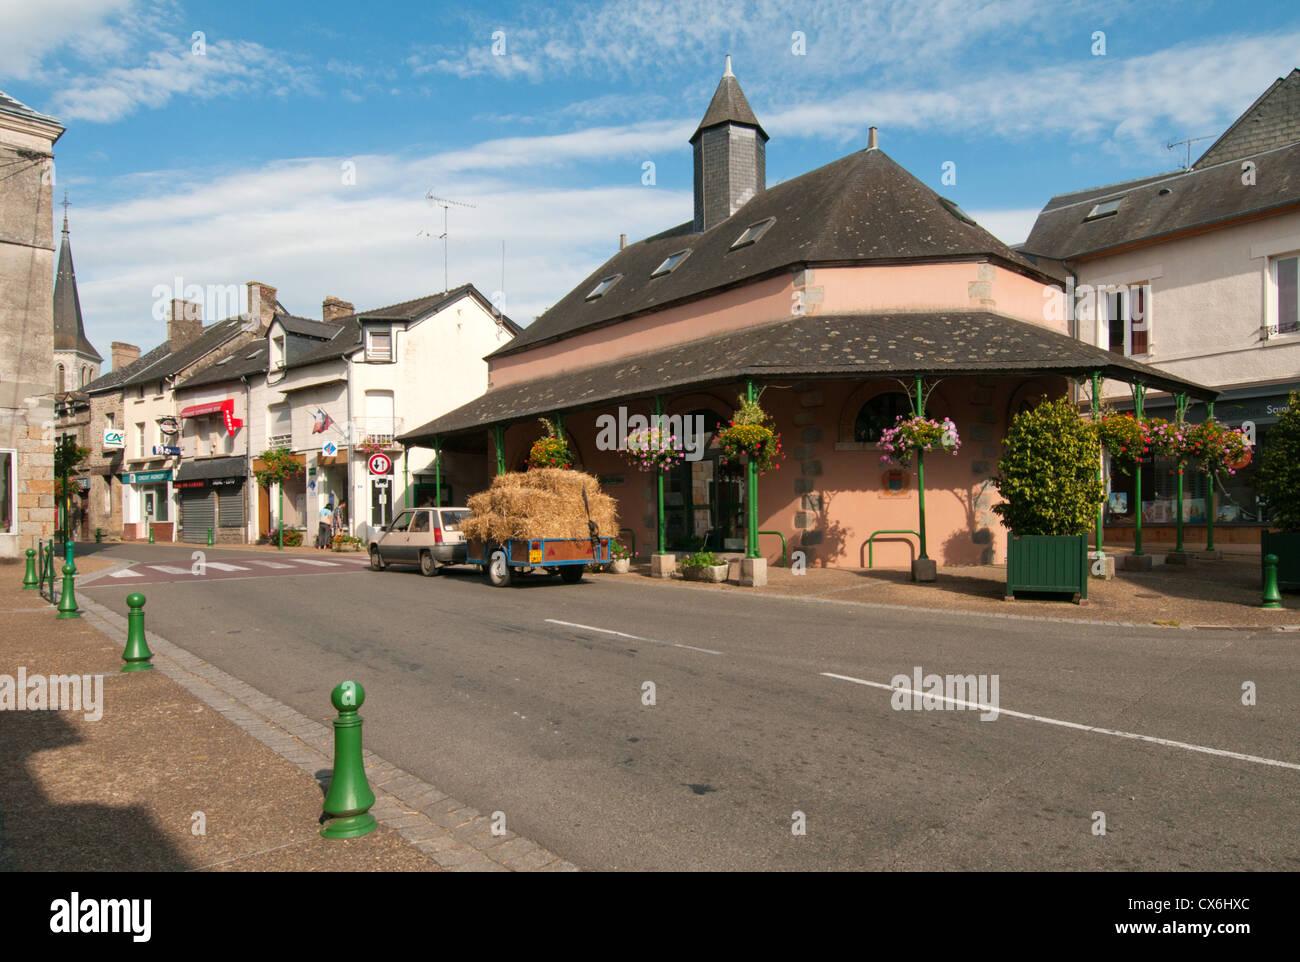 The village of Saint-Pierre-des-Nids, Mayene, Pays de la Loire, France. - Stock Image